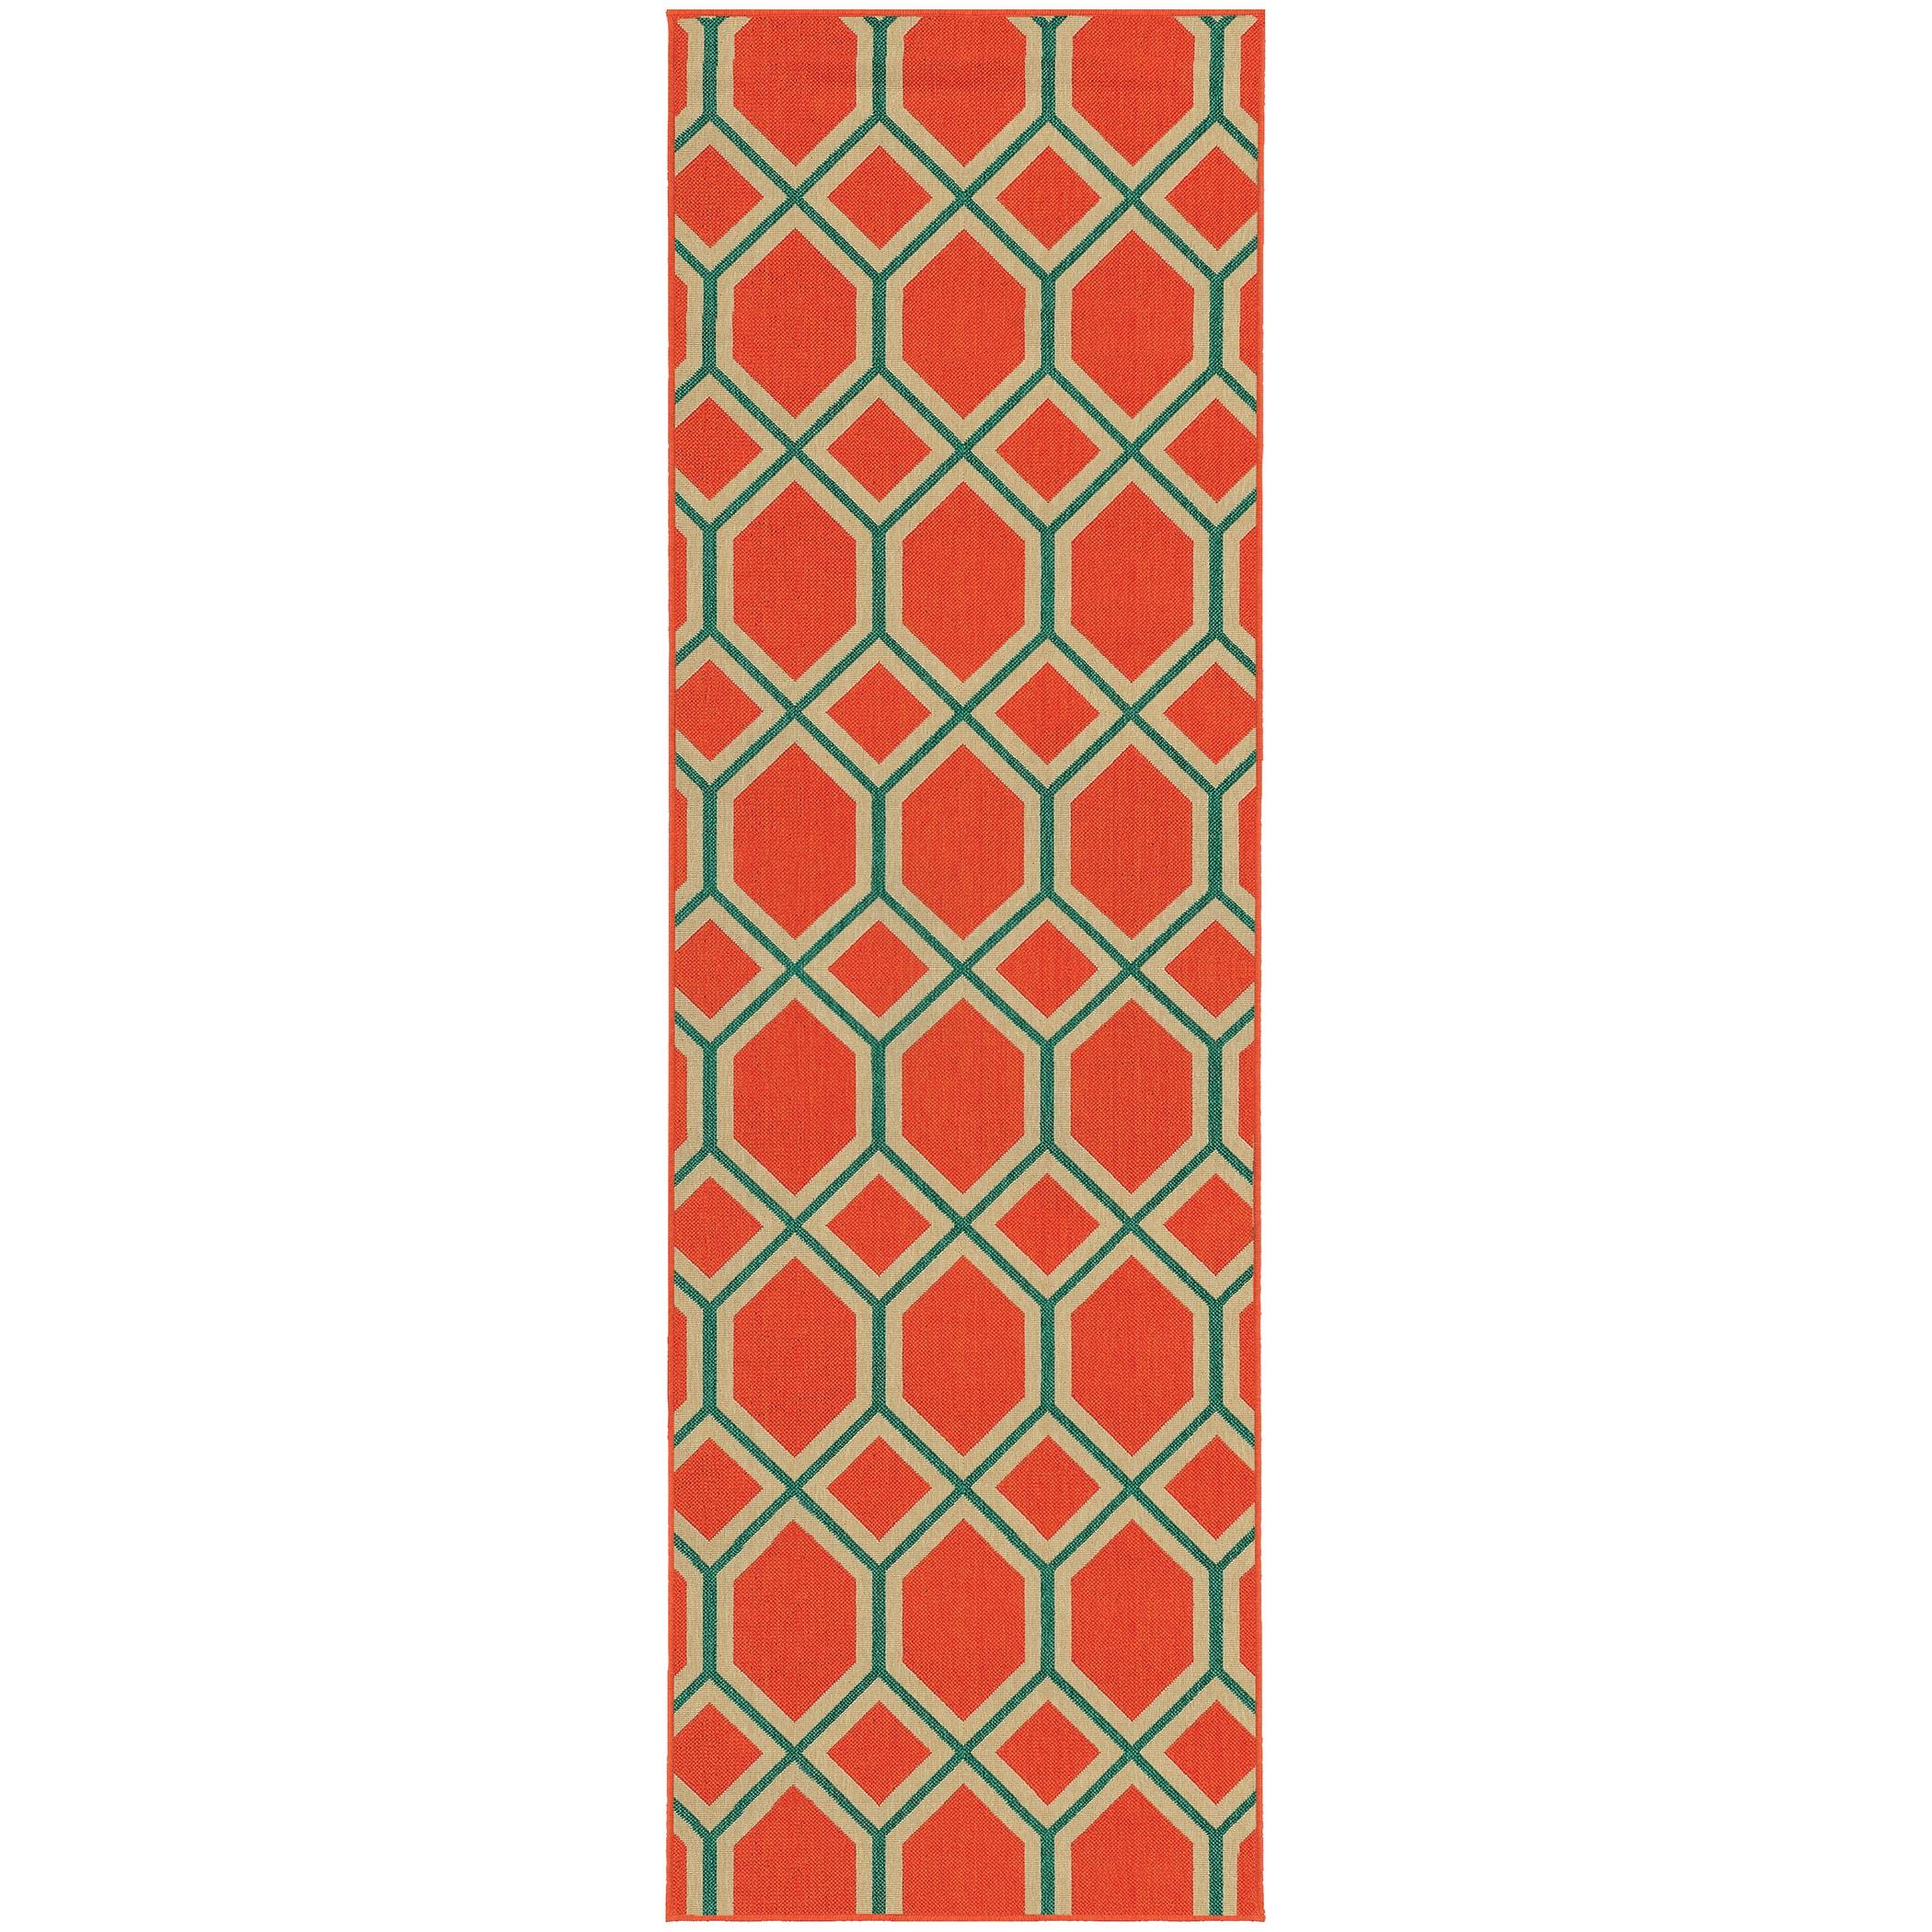 Style Haven Geometric Lattice Orange/Teal Indoor/Outdoor ...